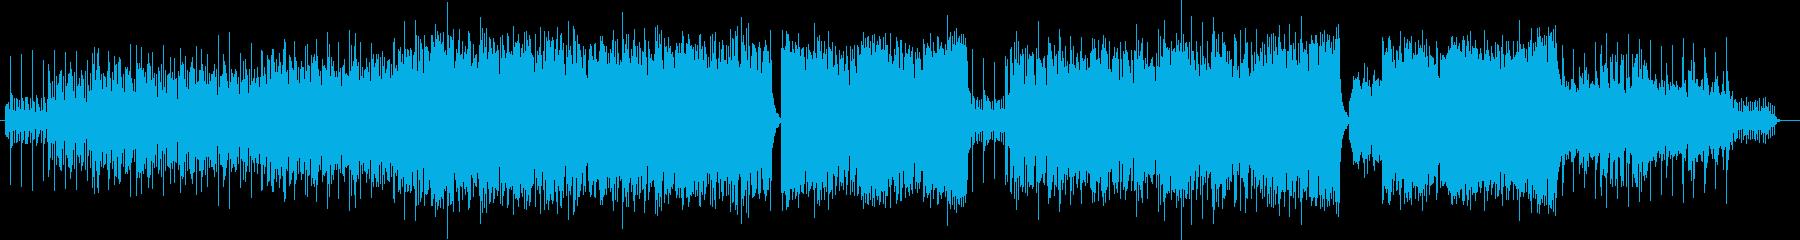 煌びやかでかっこいい魅惑的な曲の再生済みの波形